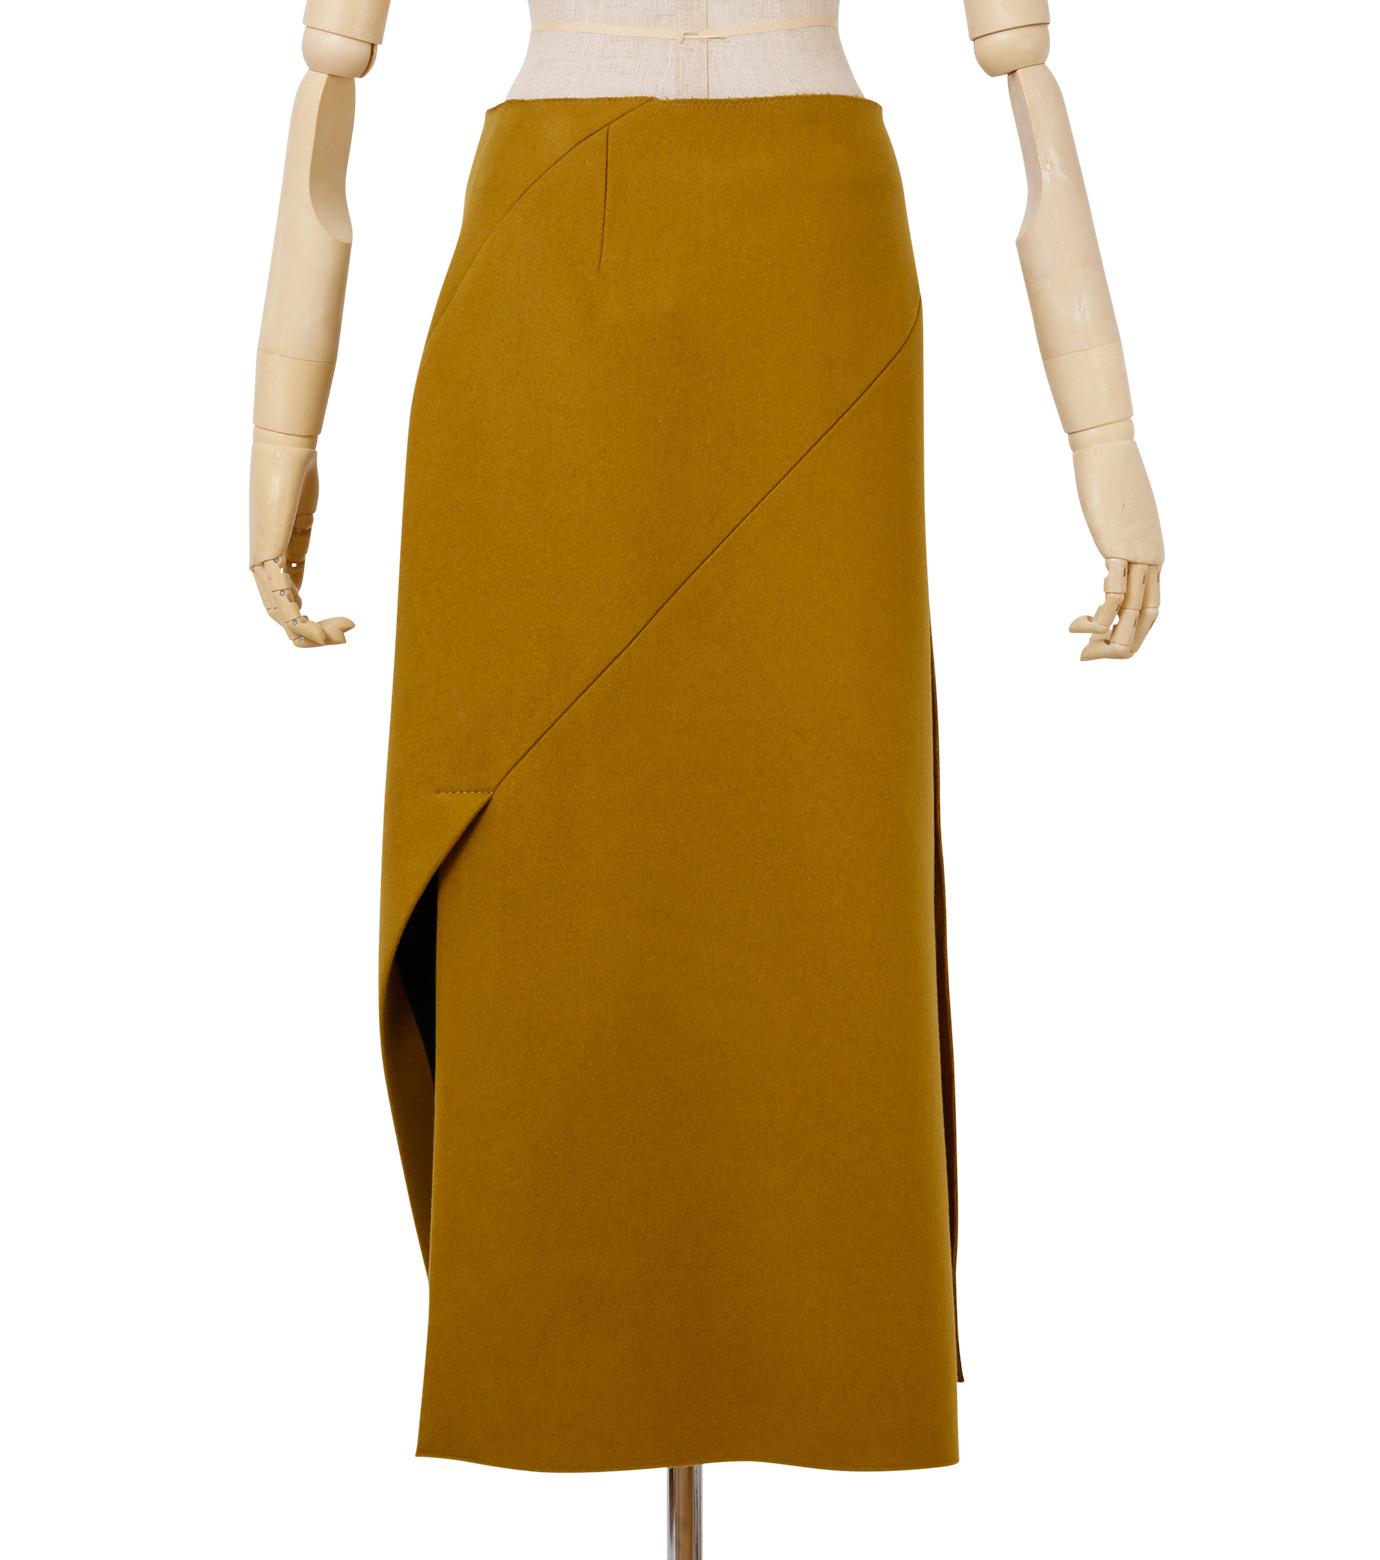 IRENE(アイレネ)のツイストボックスラップスカート-MUSTARD(スカート/skirt)-18A87002 拡大詳細画像3